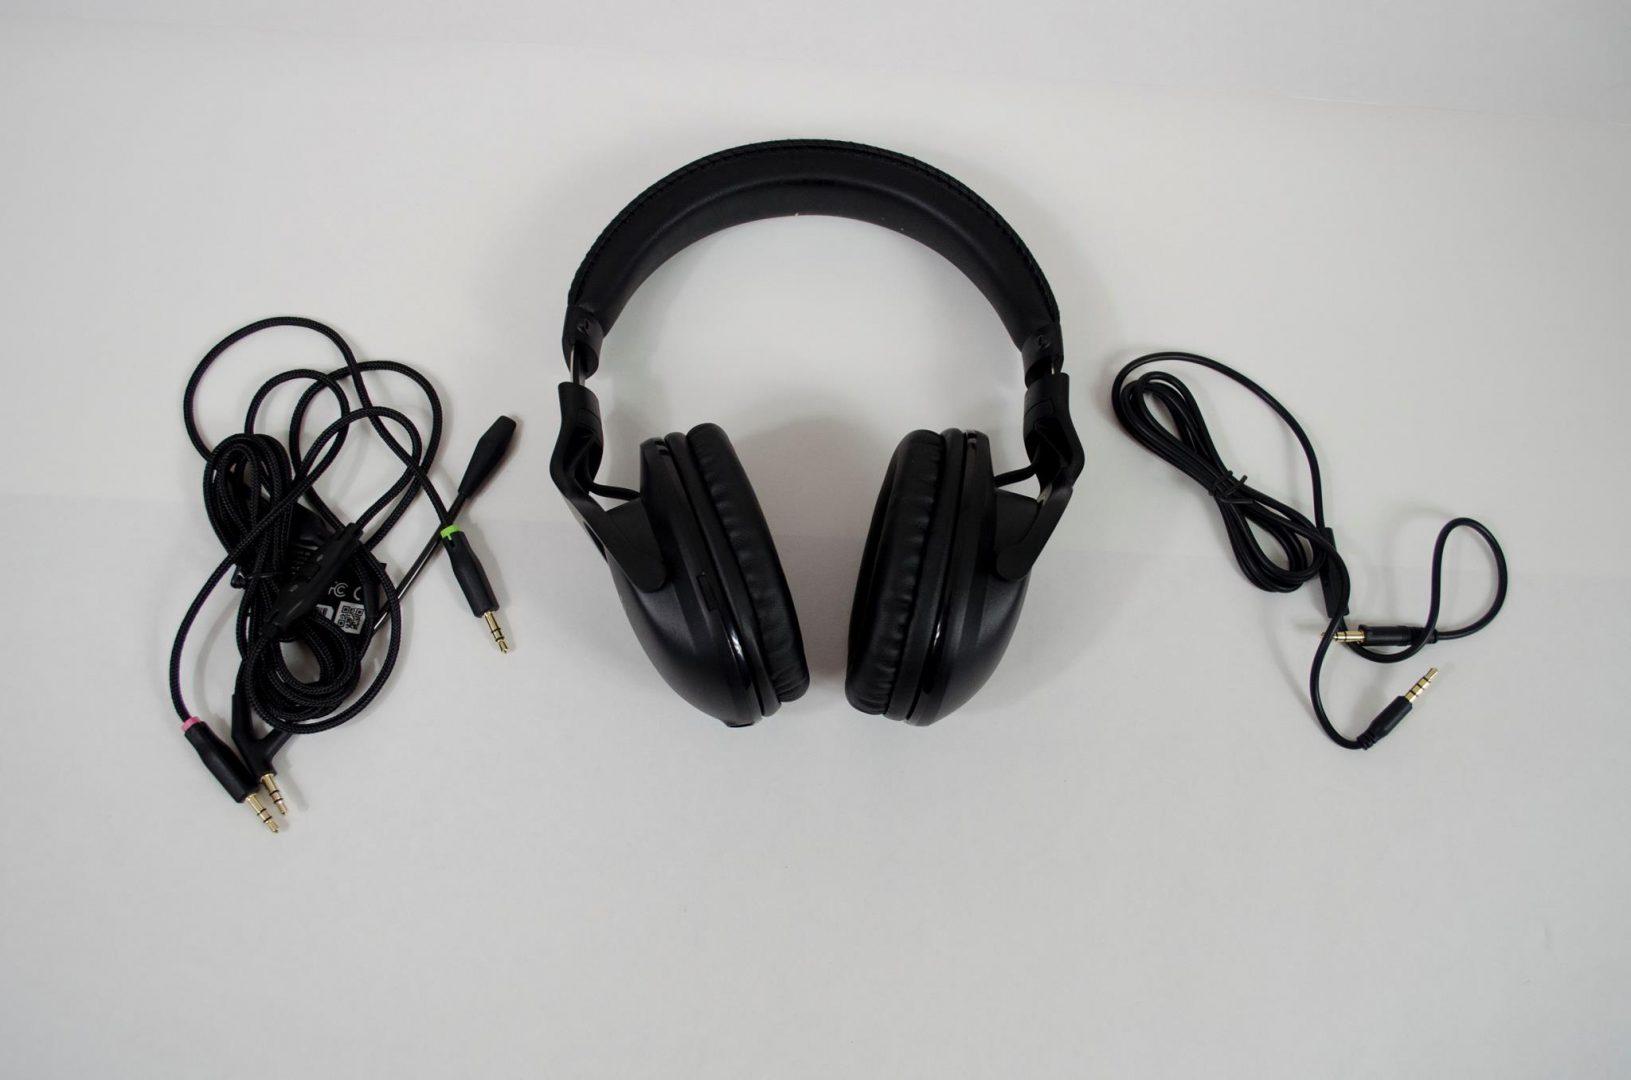 roccat cross headset review_2